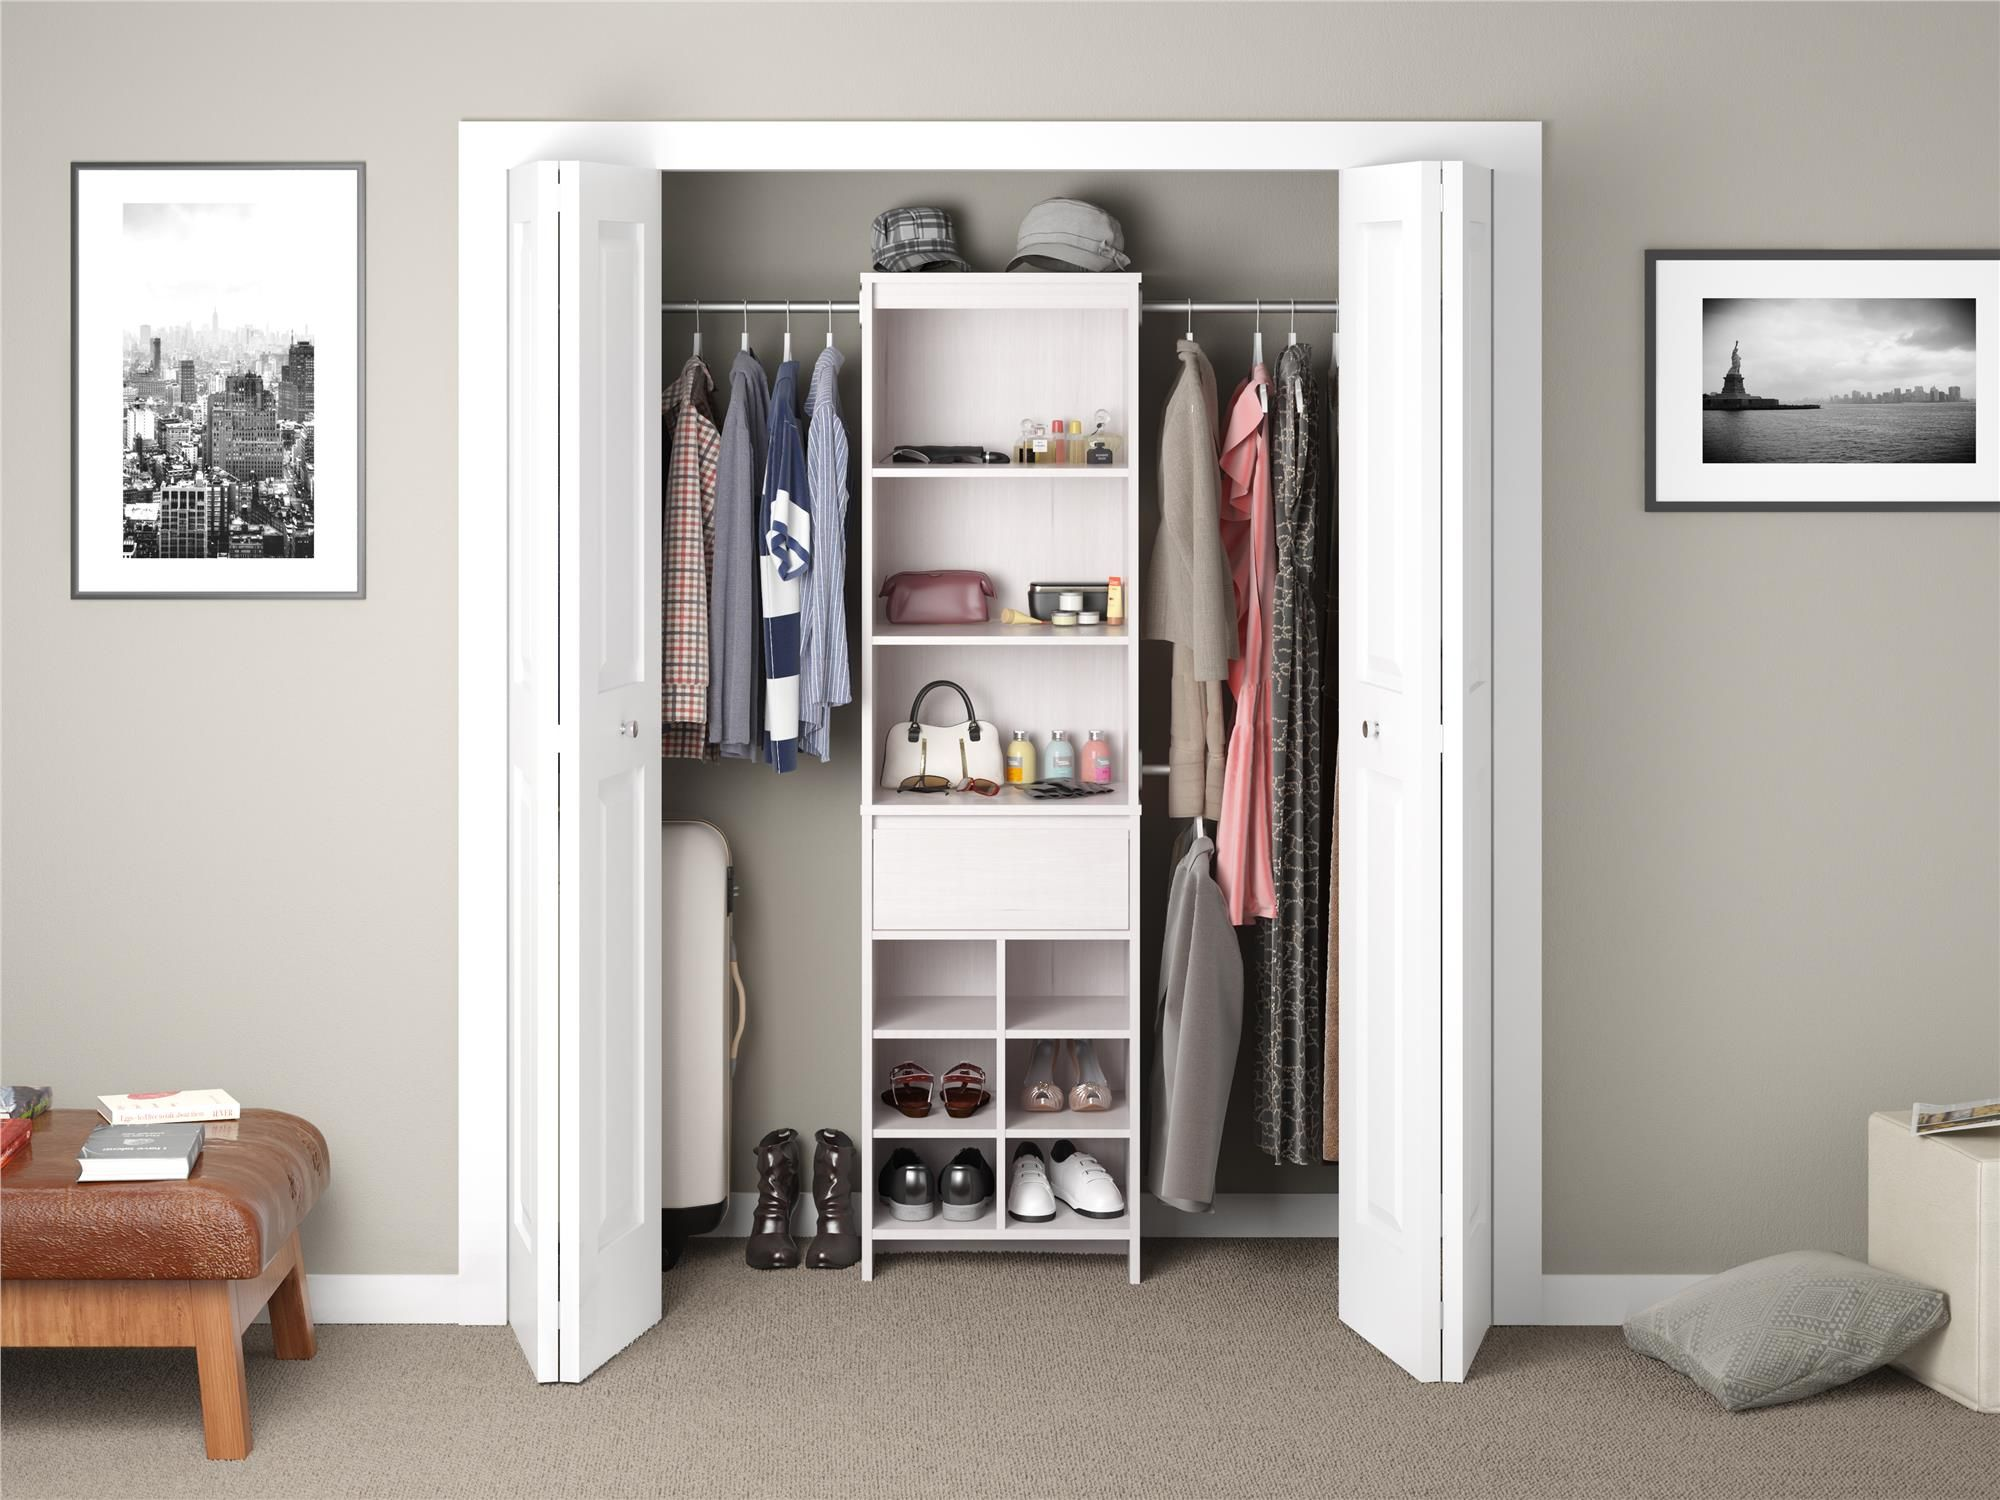 Home | Closet system, Closet organization, White closet